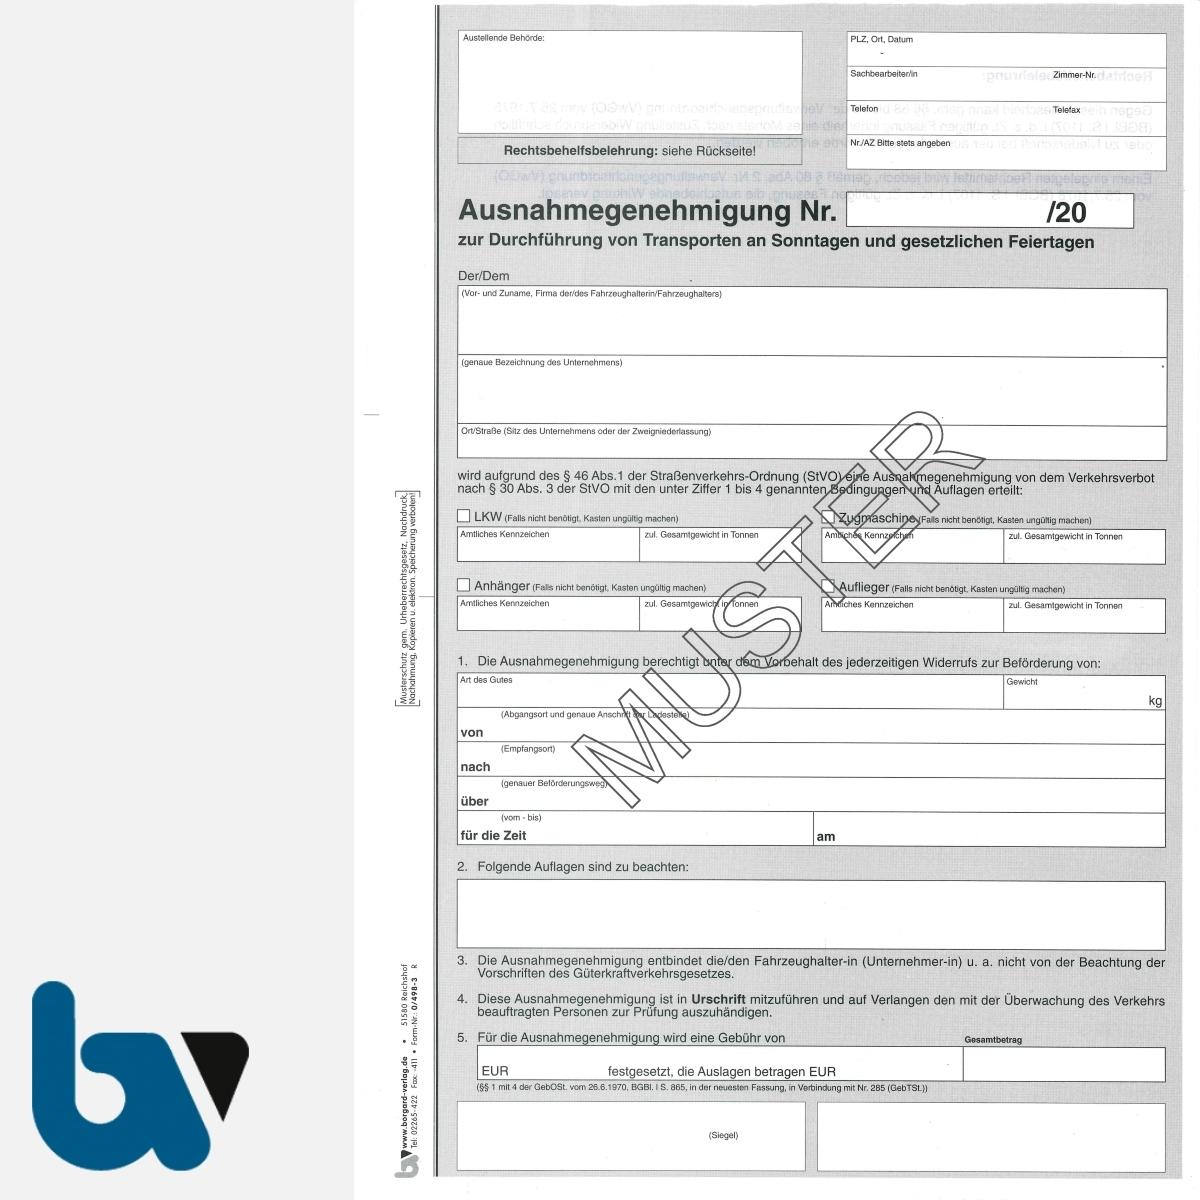 0/498-3 Ausnahmegenehmigung Durchführung Transporte Sonntag Feiertag Straßenverkehrsordnung StVO Straßenverkehrsgesetz StVG selbstdurchschreibend DIN A4 2-fach VS | Borgard Verlag GmbH